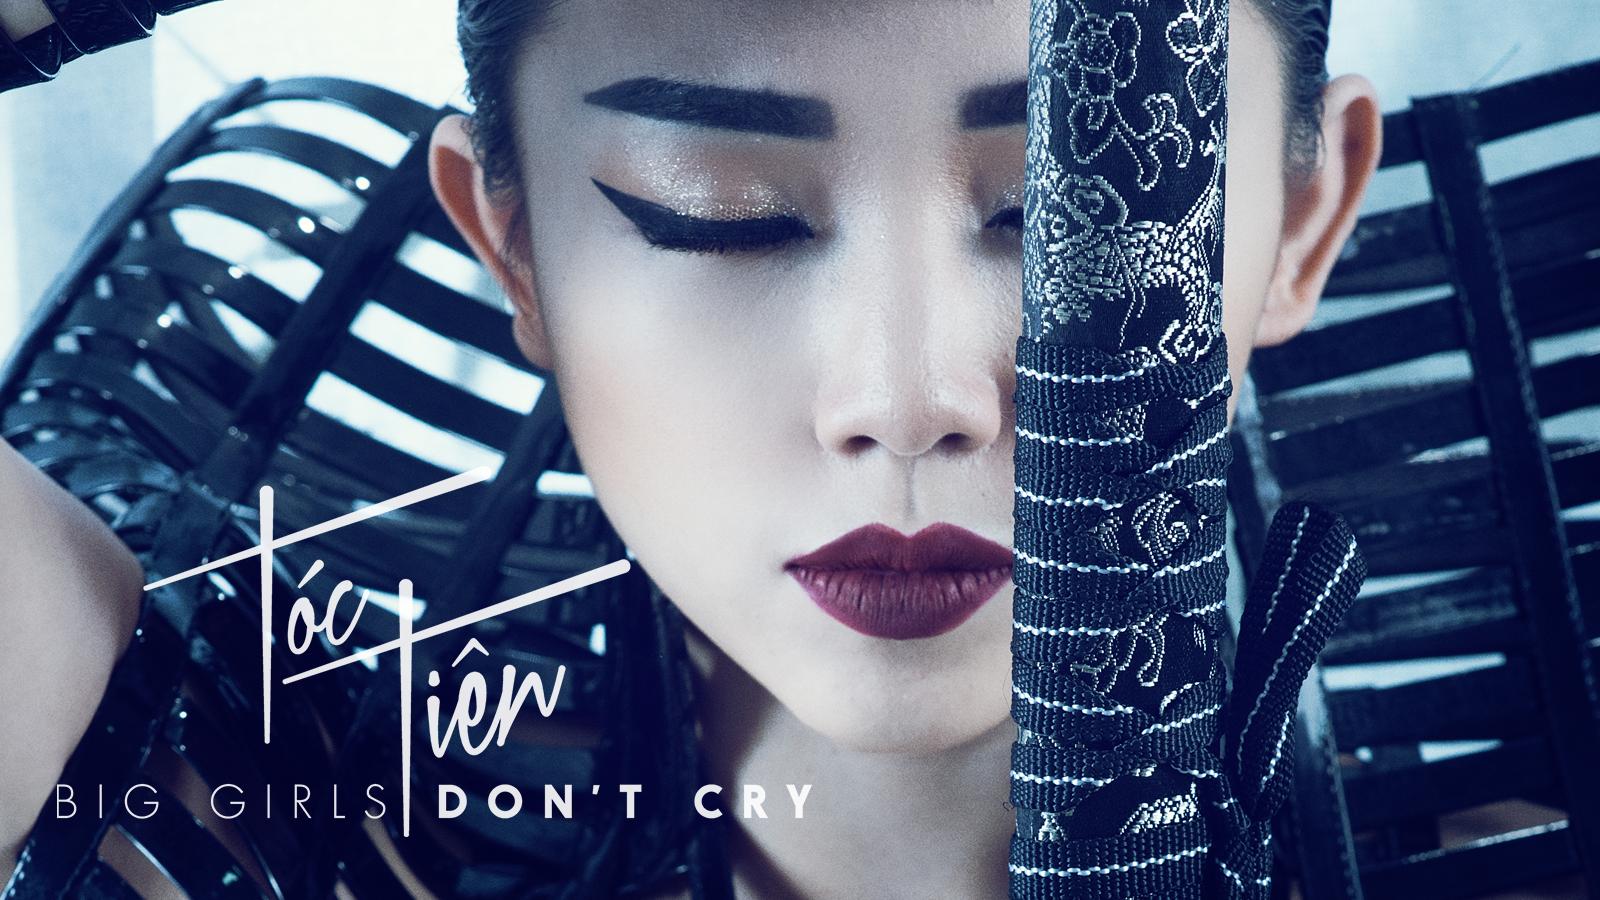 Hé lộ lí do khiến Big Girls Don't Cry của Tóc Tiên gây bão - Tin sao Viet - Tin tuc sao Viet - Scandal sao Viet - Tin tuc cua Sao - Tin cua Sao